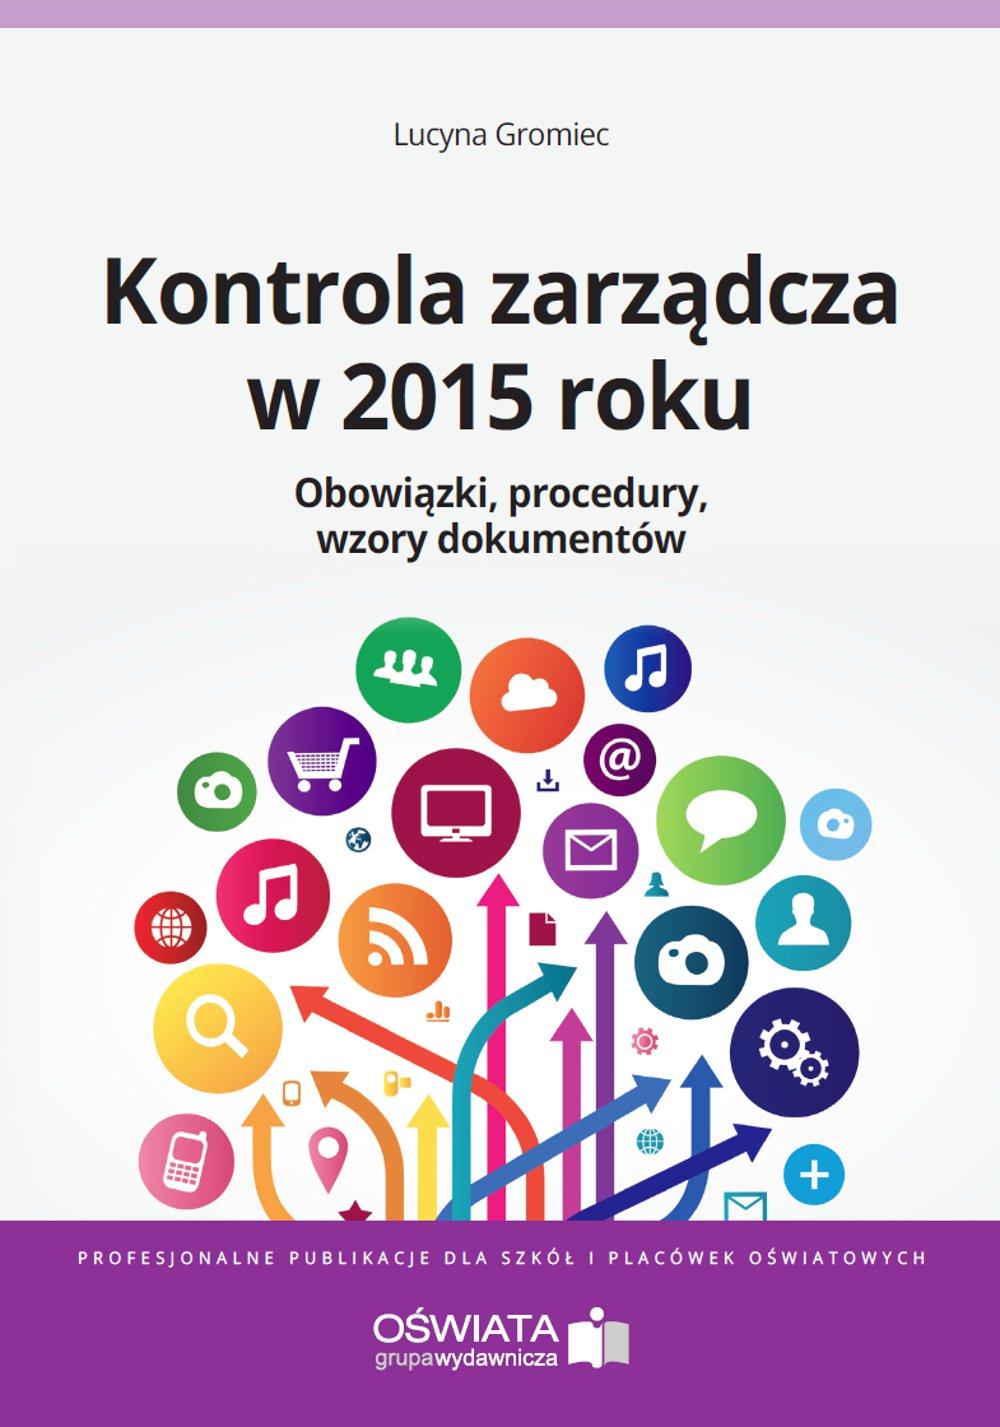 Kontrola zarządcza w 2015 roku.  Obowiązki. Procedury. Wzory dokumentów - Ebook (Książka PDF) do pobrania w formacie PDF